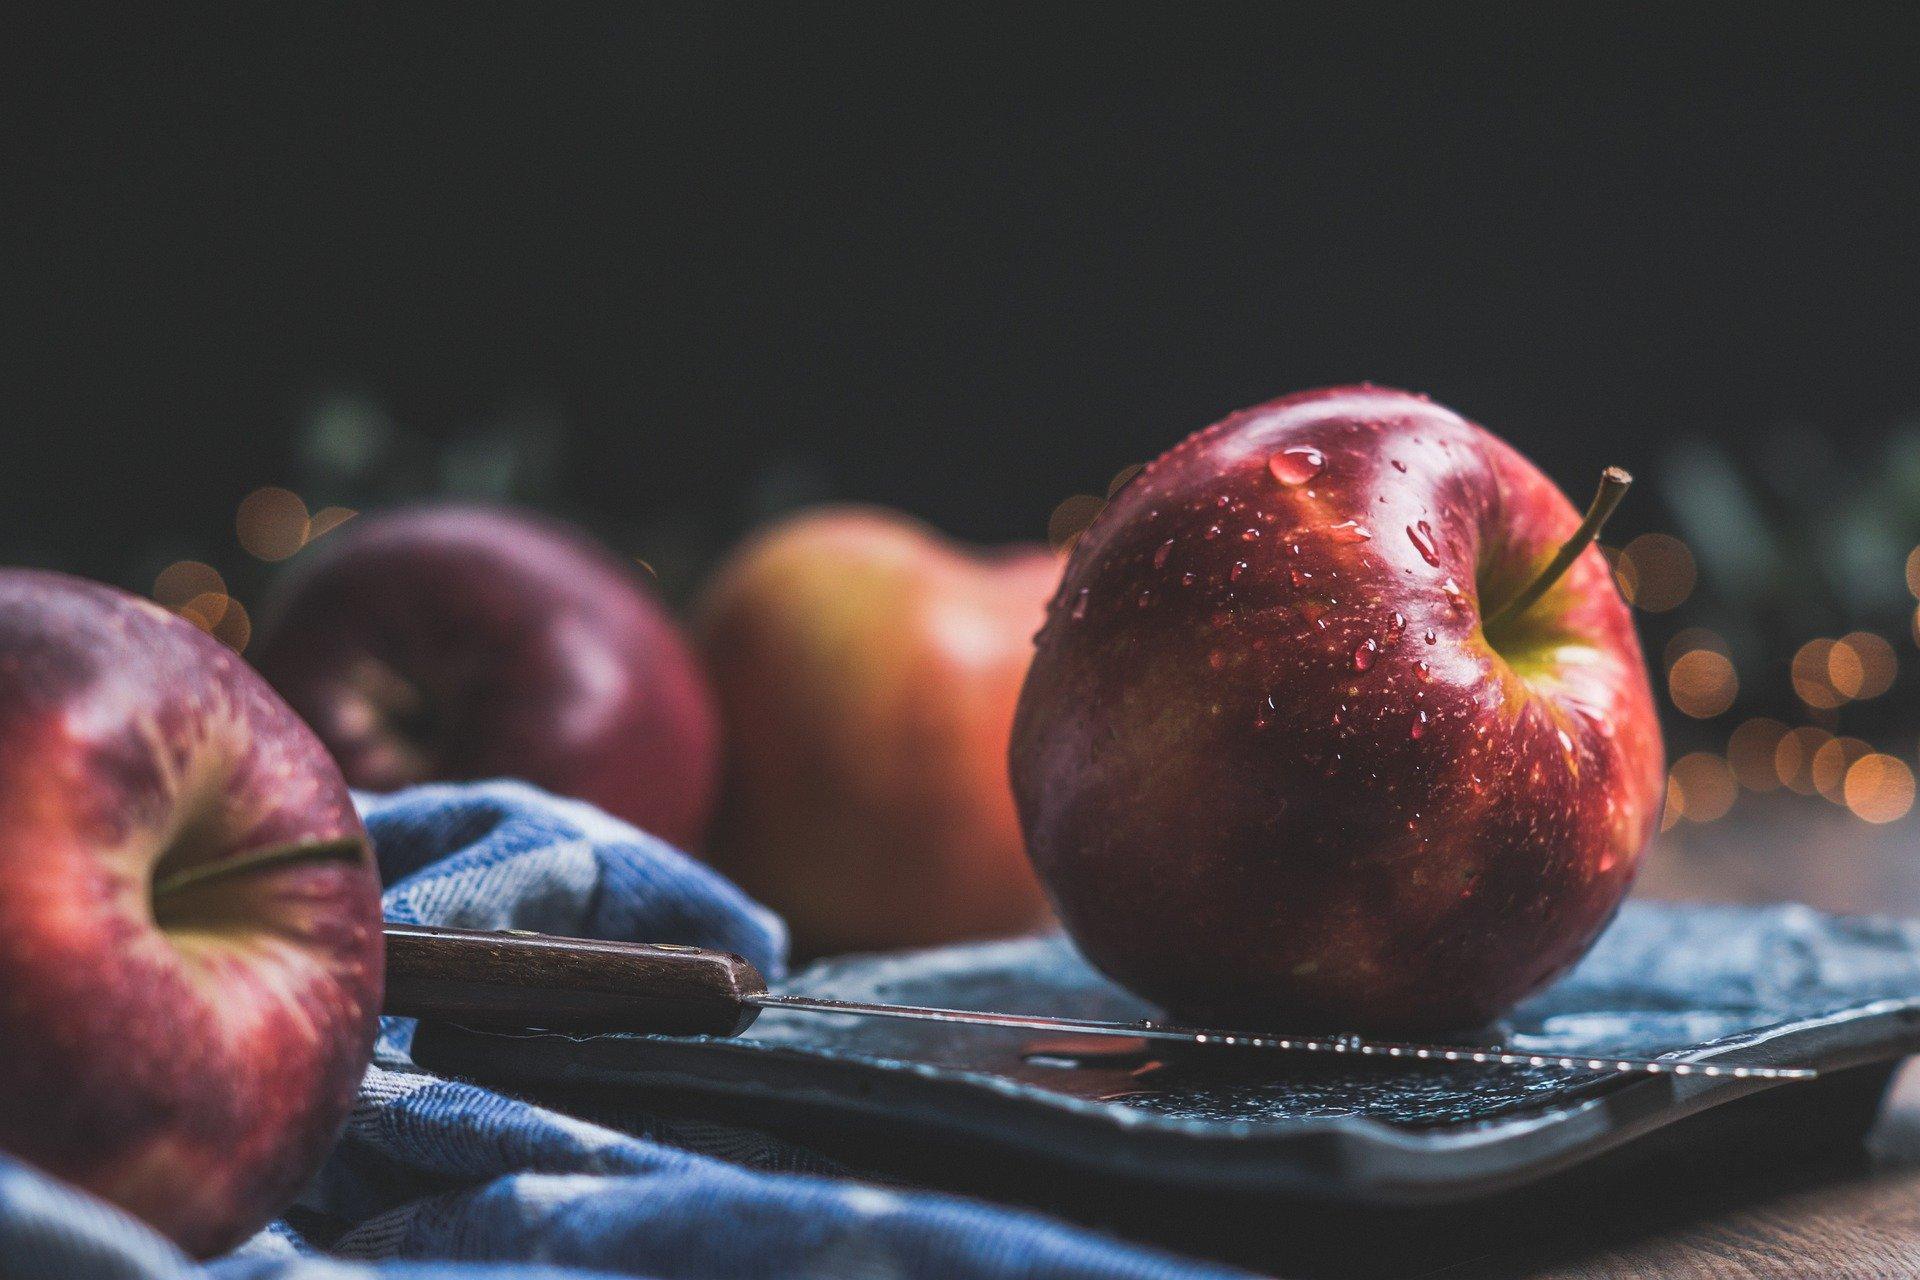 Диетолог Соломатина сообщила об опасности чрезмерного употребления яблок